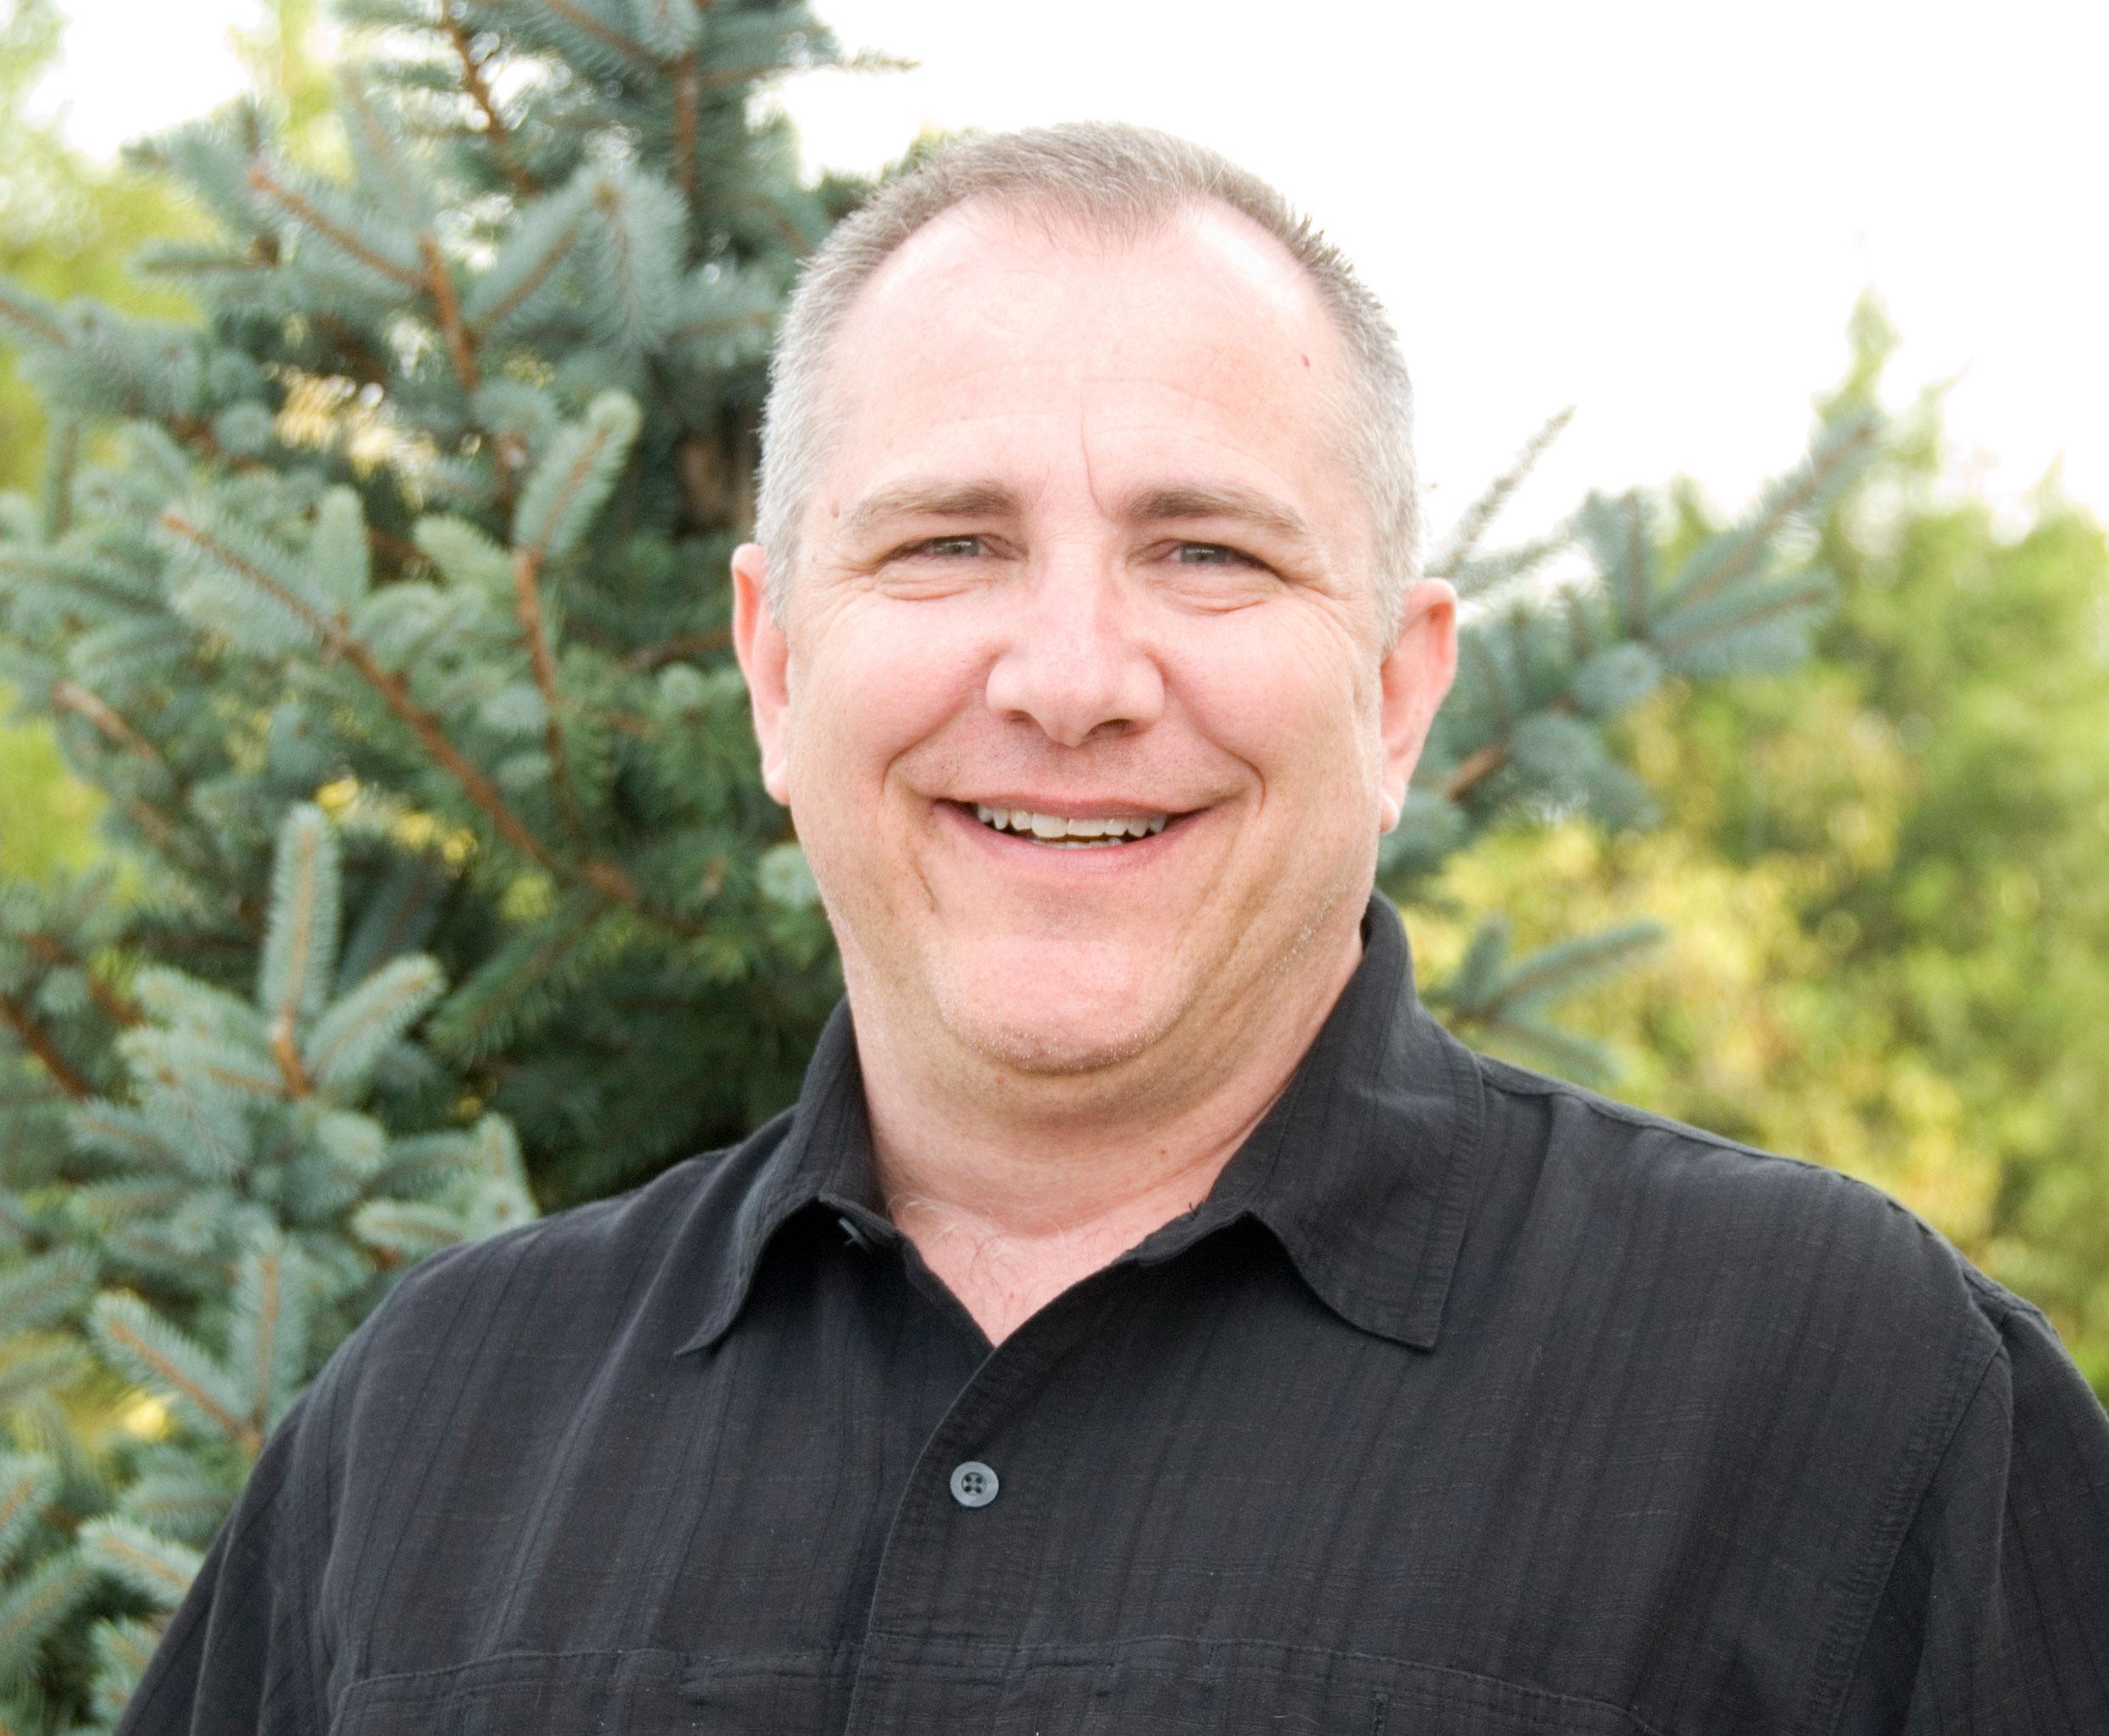 Greg Hilt